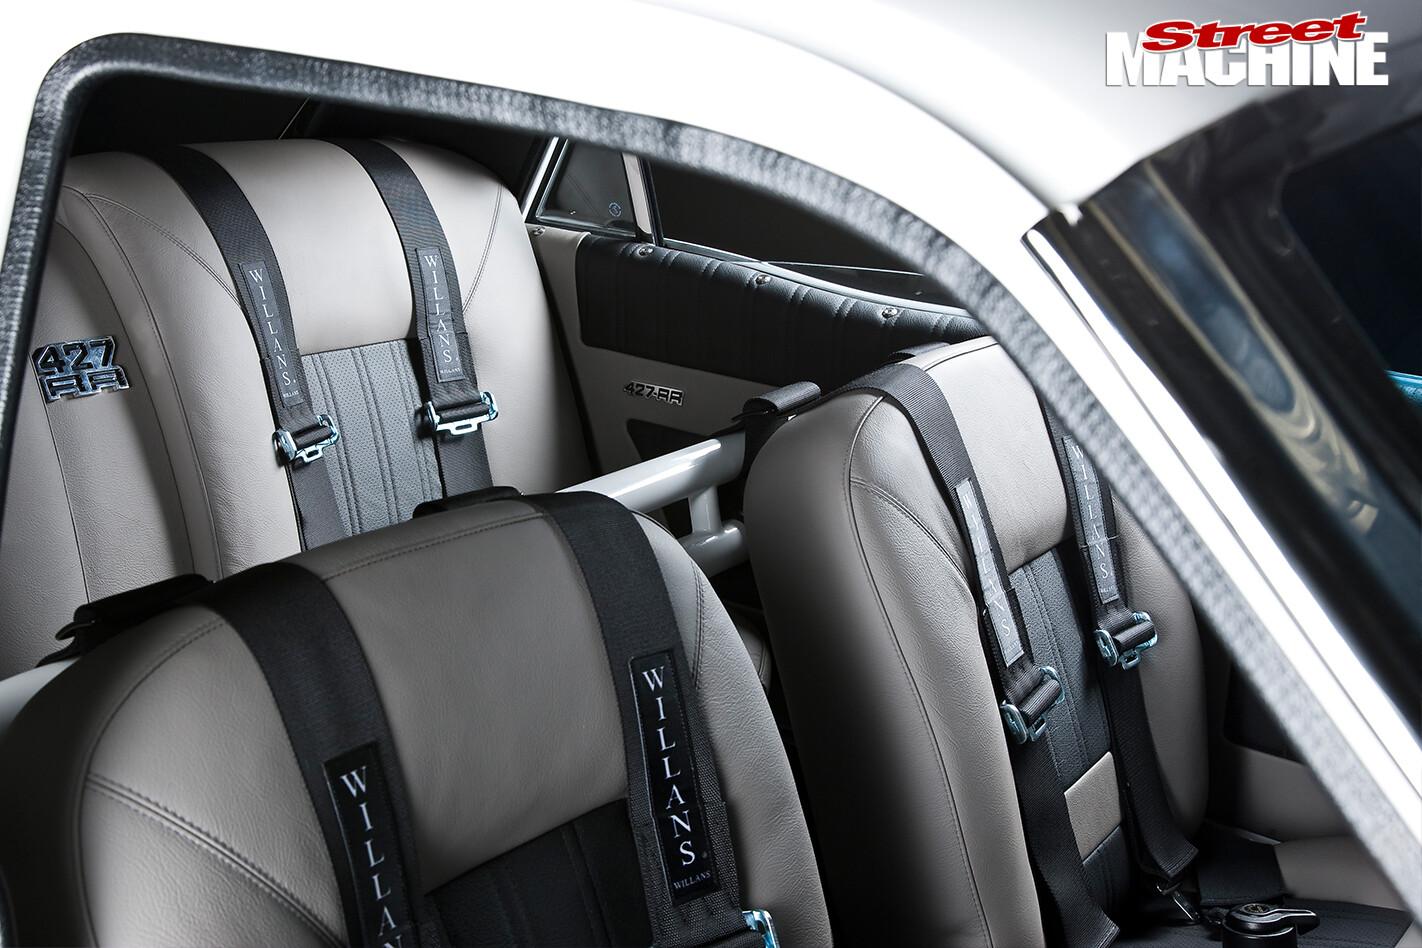 Ford -Falcon -XY-Elite -interior -seats